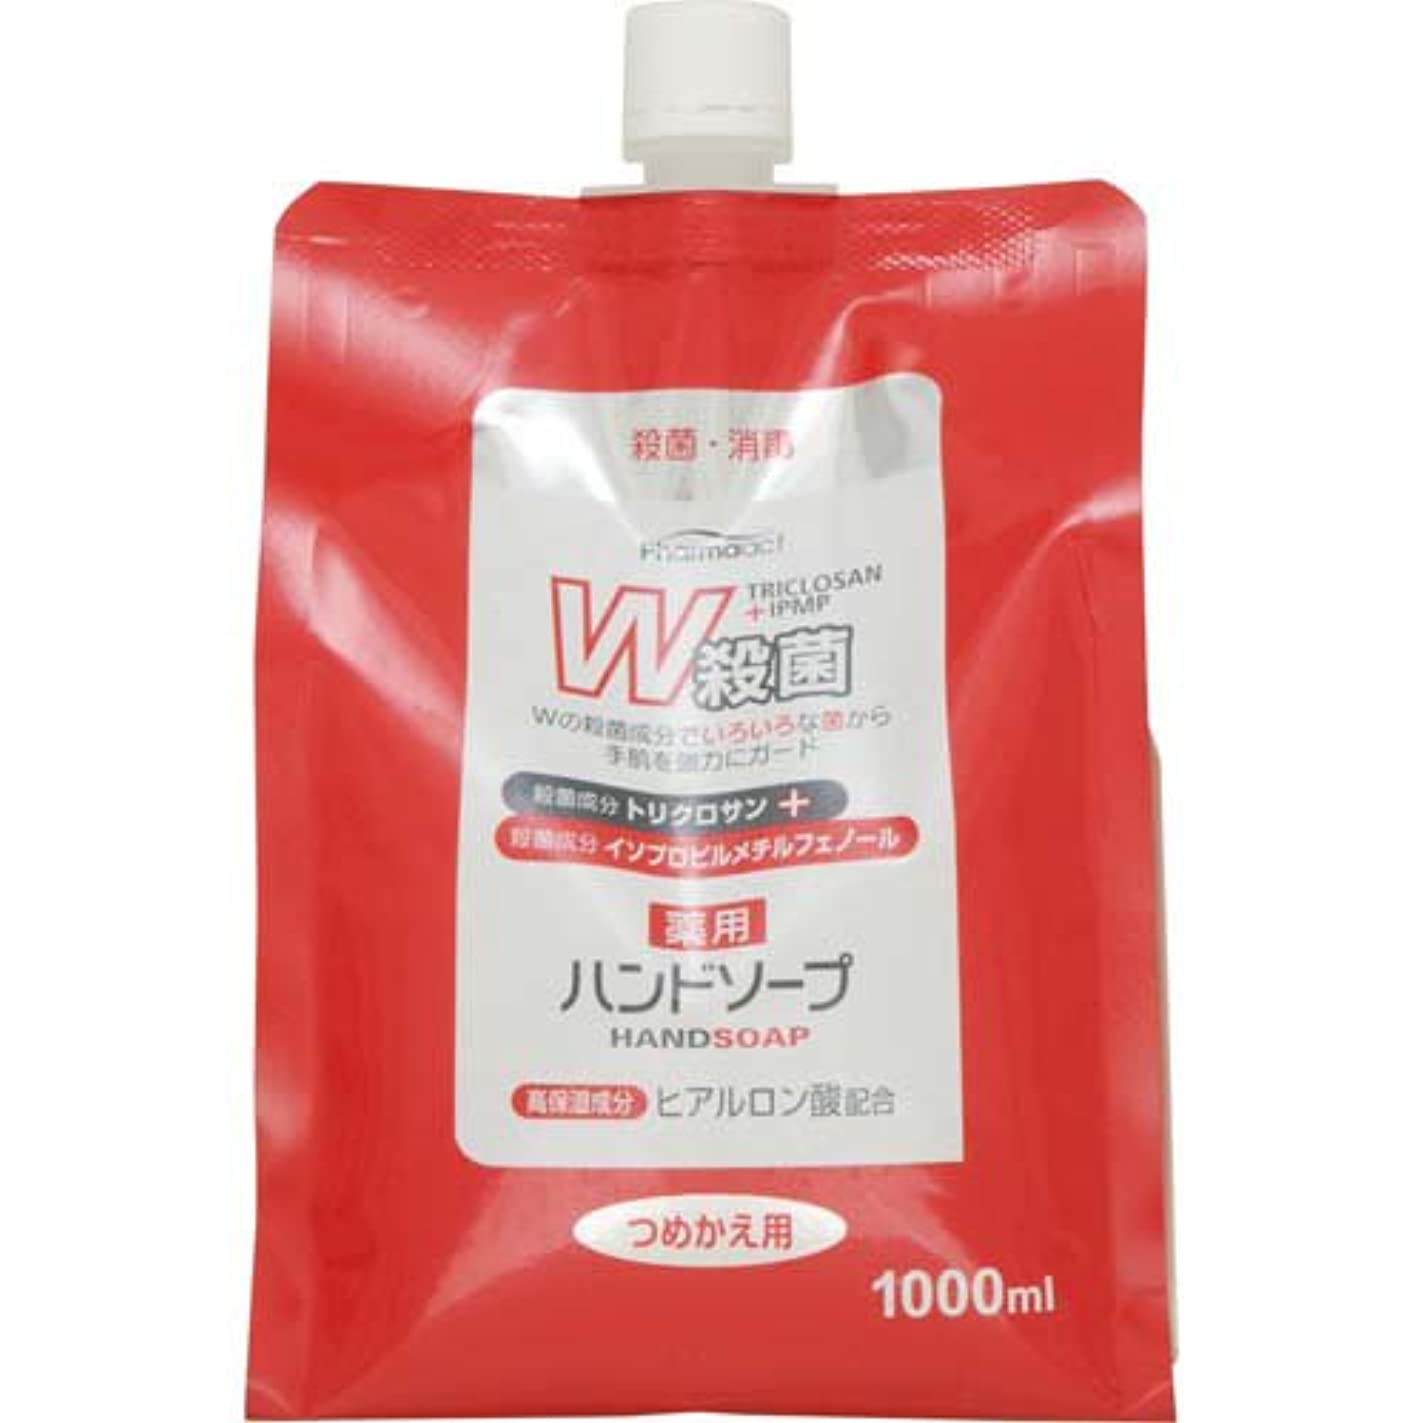 フィード騒々しい全部ファーマアクト W殺菌薬用ハンドソープ スパウト付き詰替 1000ml